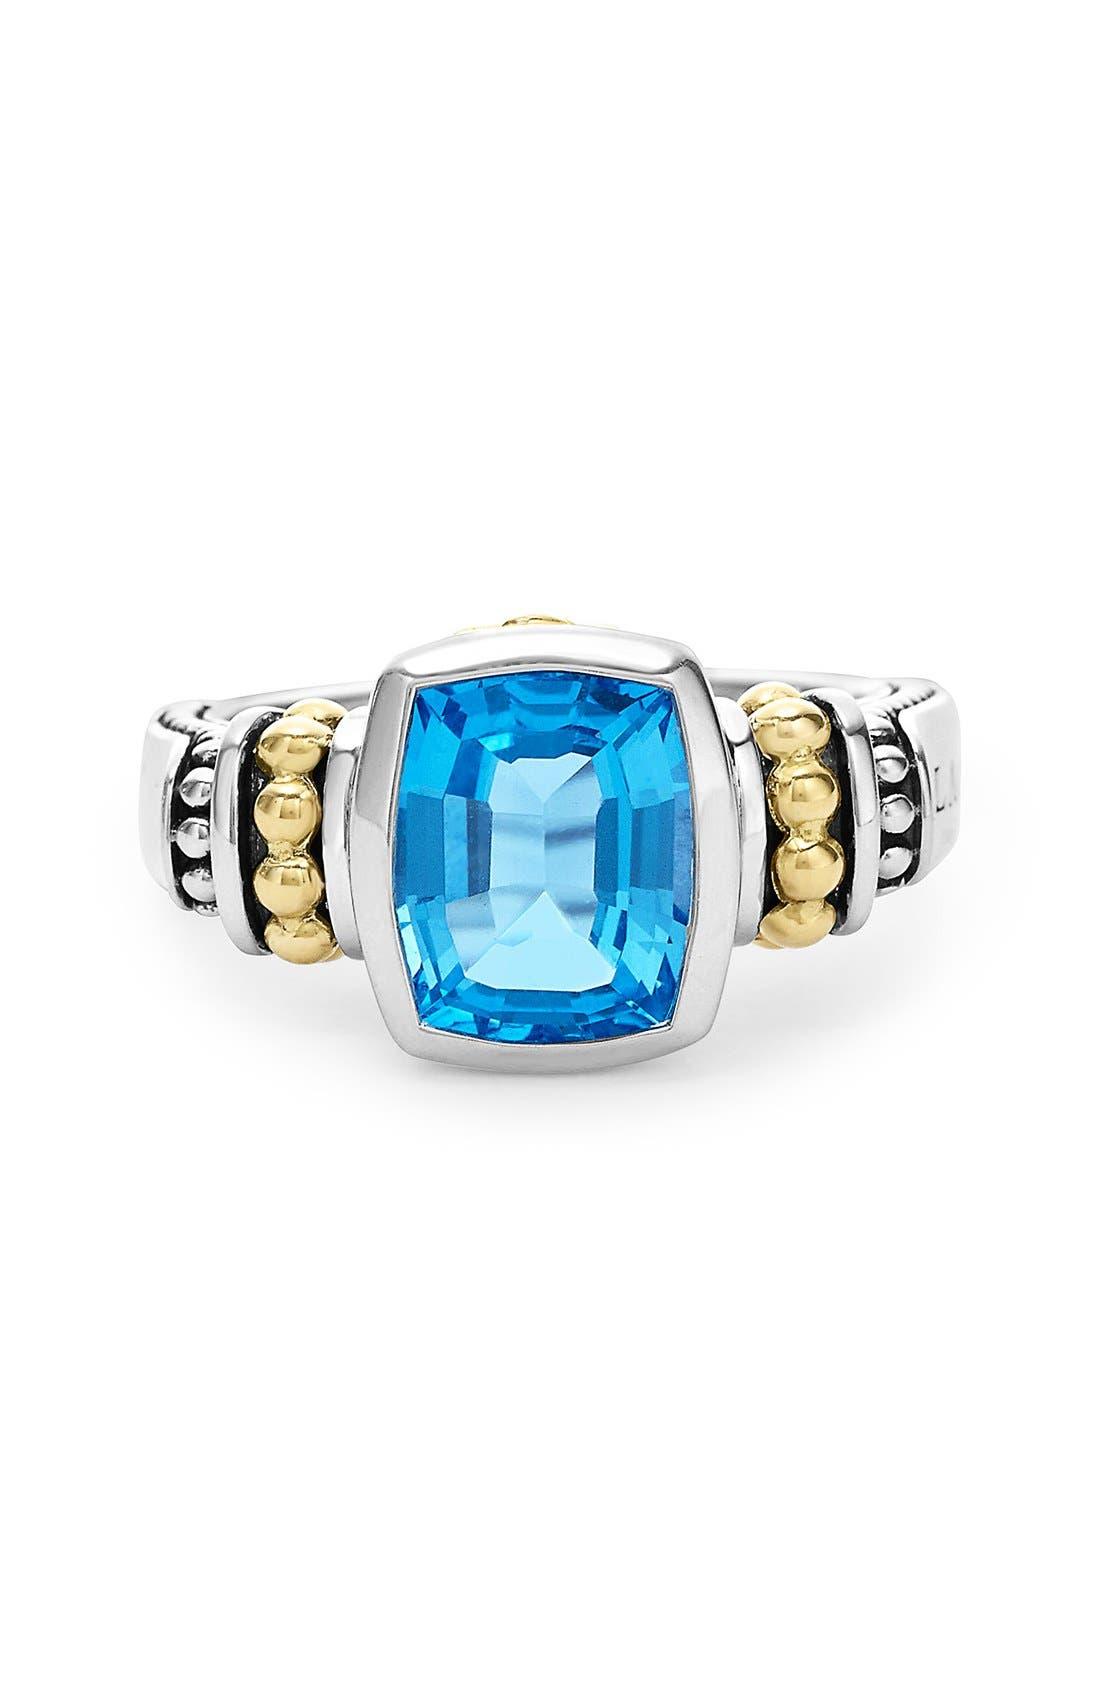 Alternate Image 3  - LAGOS 'Caviar Color' Small Semiprecious Stone Ring